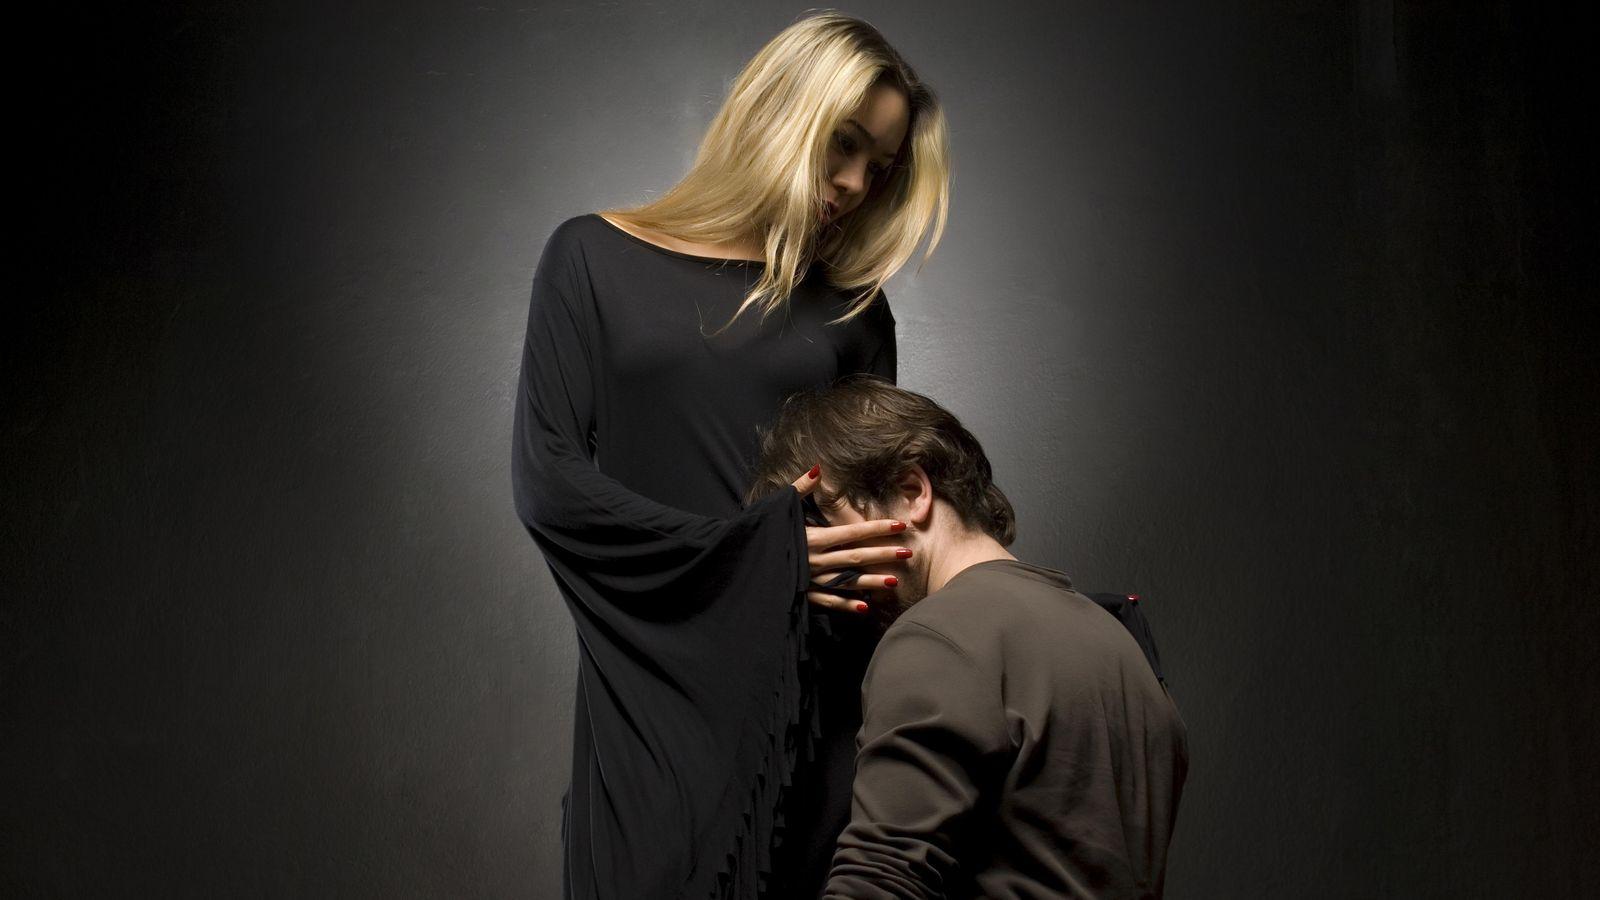 Foto: No hace falta postrarse a los pies de nadie para conseguir un poco de sexo, tranquilo. (iStock)